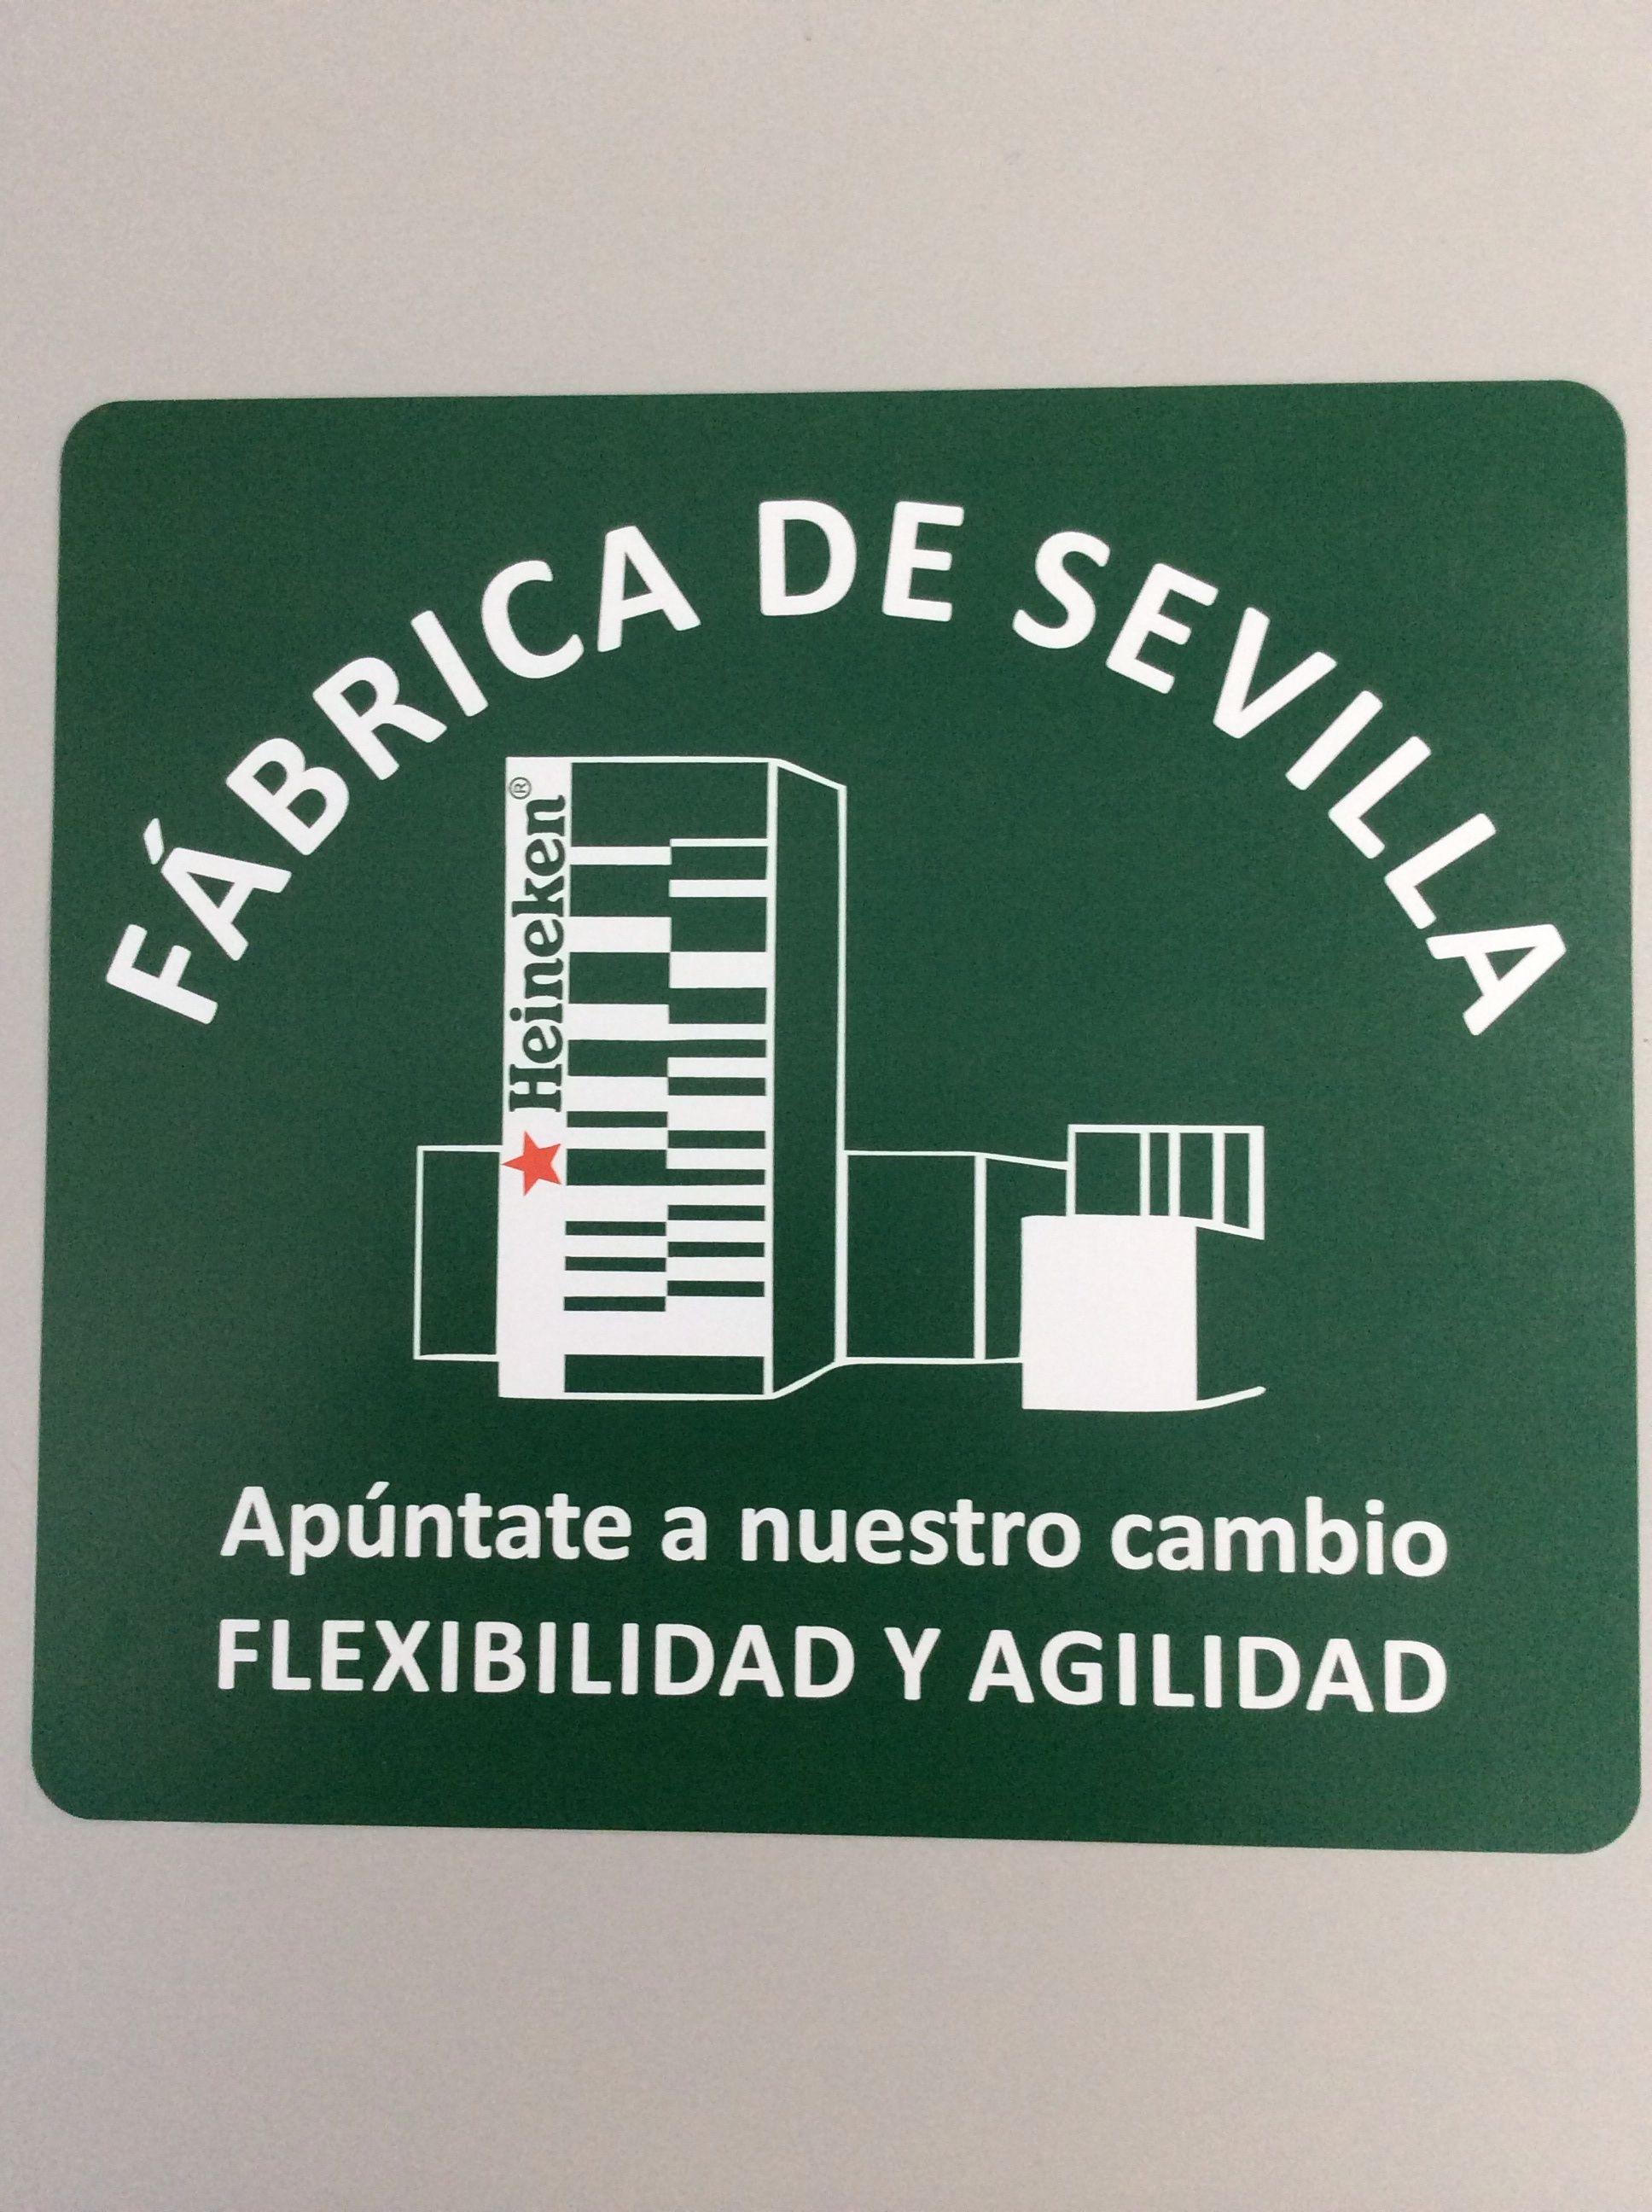 Foto 21 de Bordados y encajes en Alcorcón | Bordados Tecnibor, S.L.